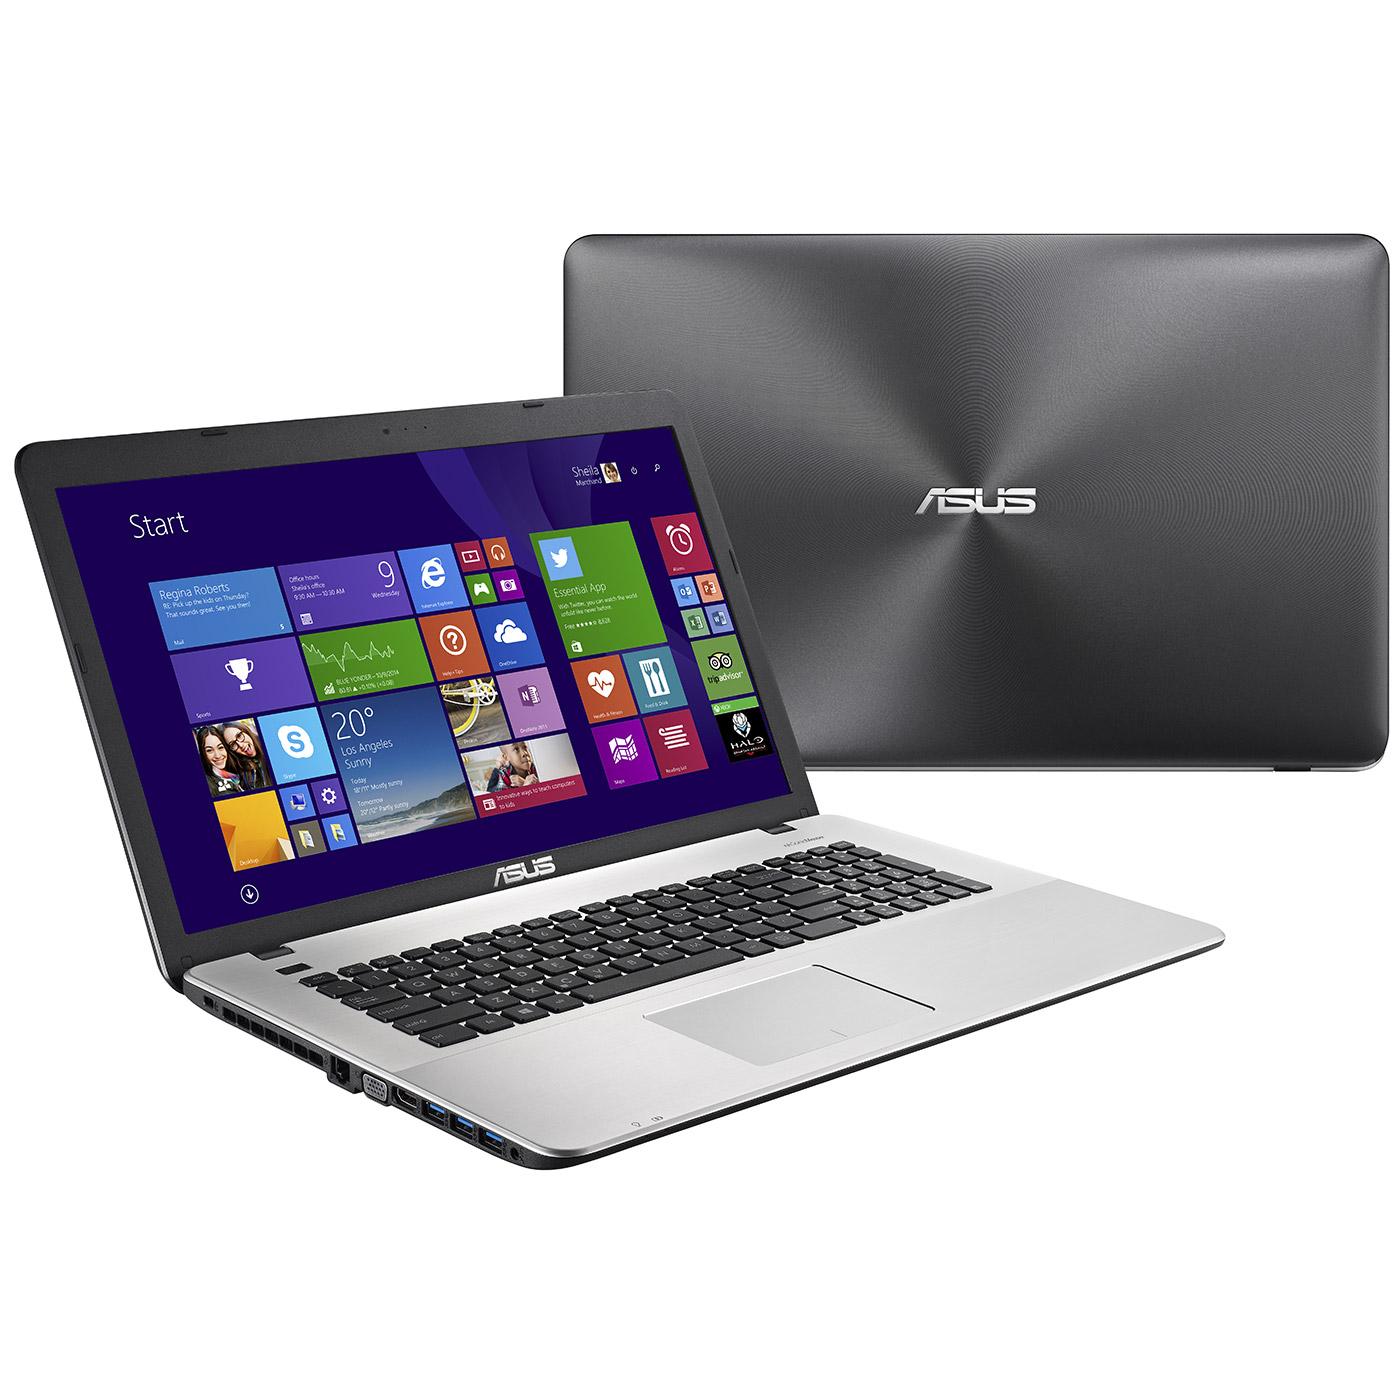 """PC portable ASUS R752LK-T4036H Intel Core i7-4510U 8 Go 1 To 17.3"""" LED NVIDIA GeForce GTX 850M Graveur DVD Wi-Fi N/Bluetooth Webcam Windows 8.1 64 bits (Garantie constructeur 1 an)"""